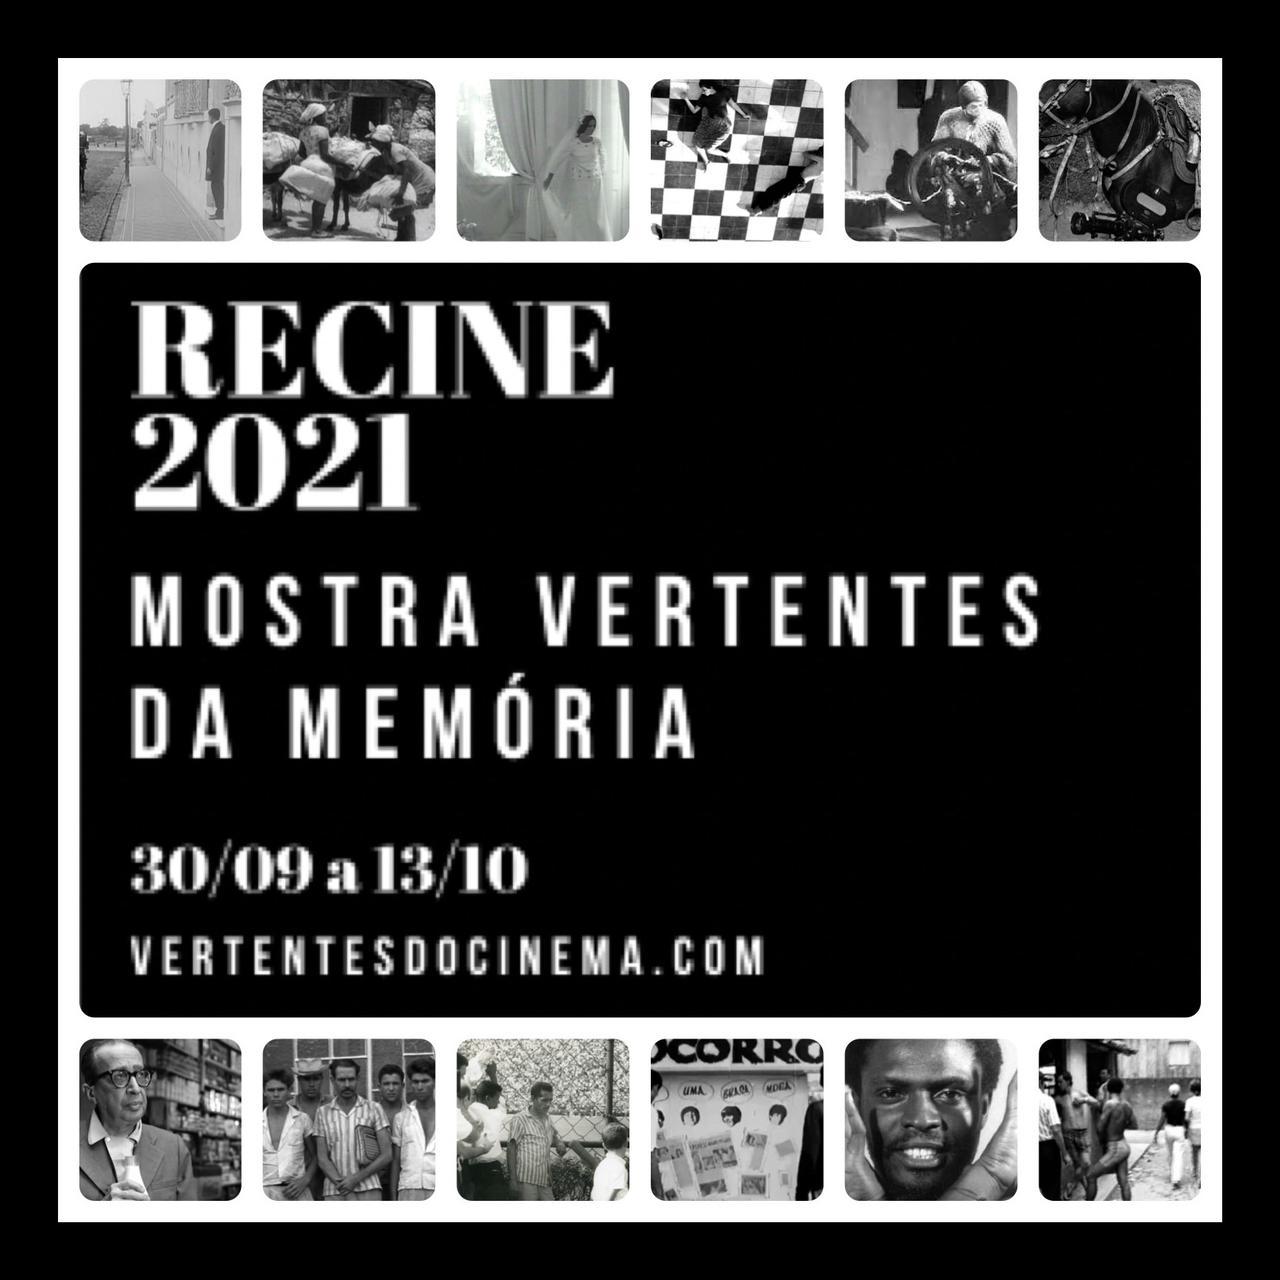 Recine 2021 Mostra Vertentes da Memoria